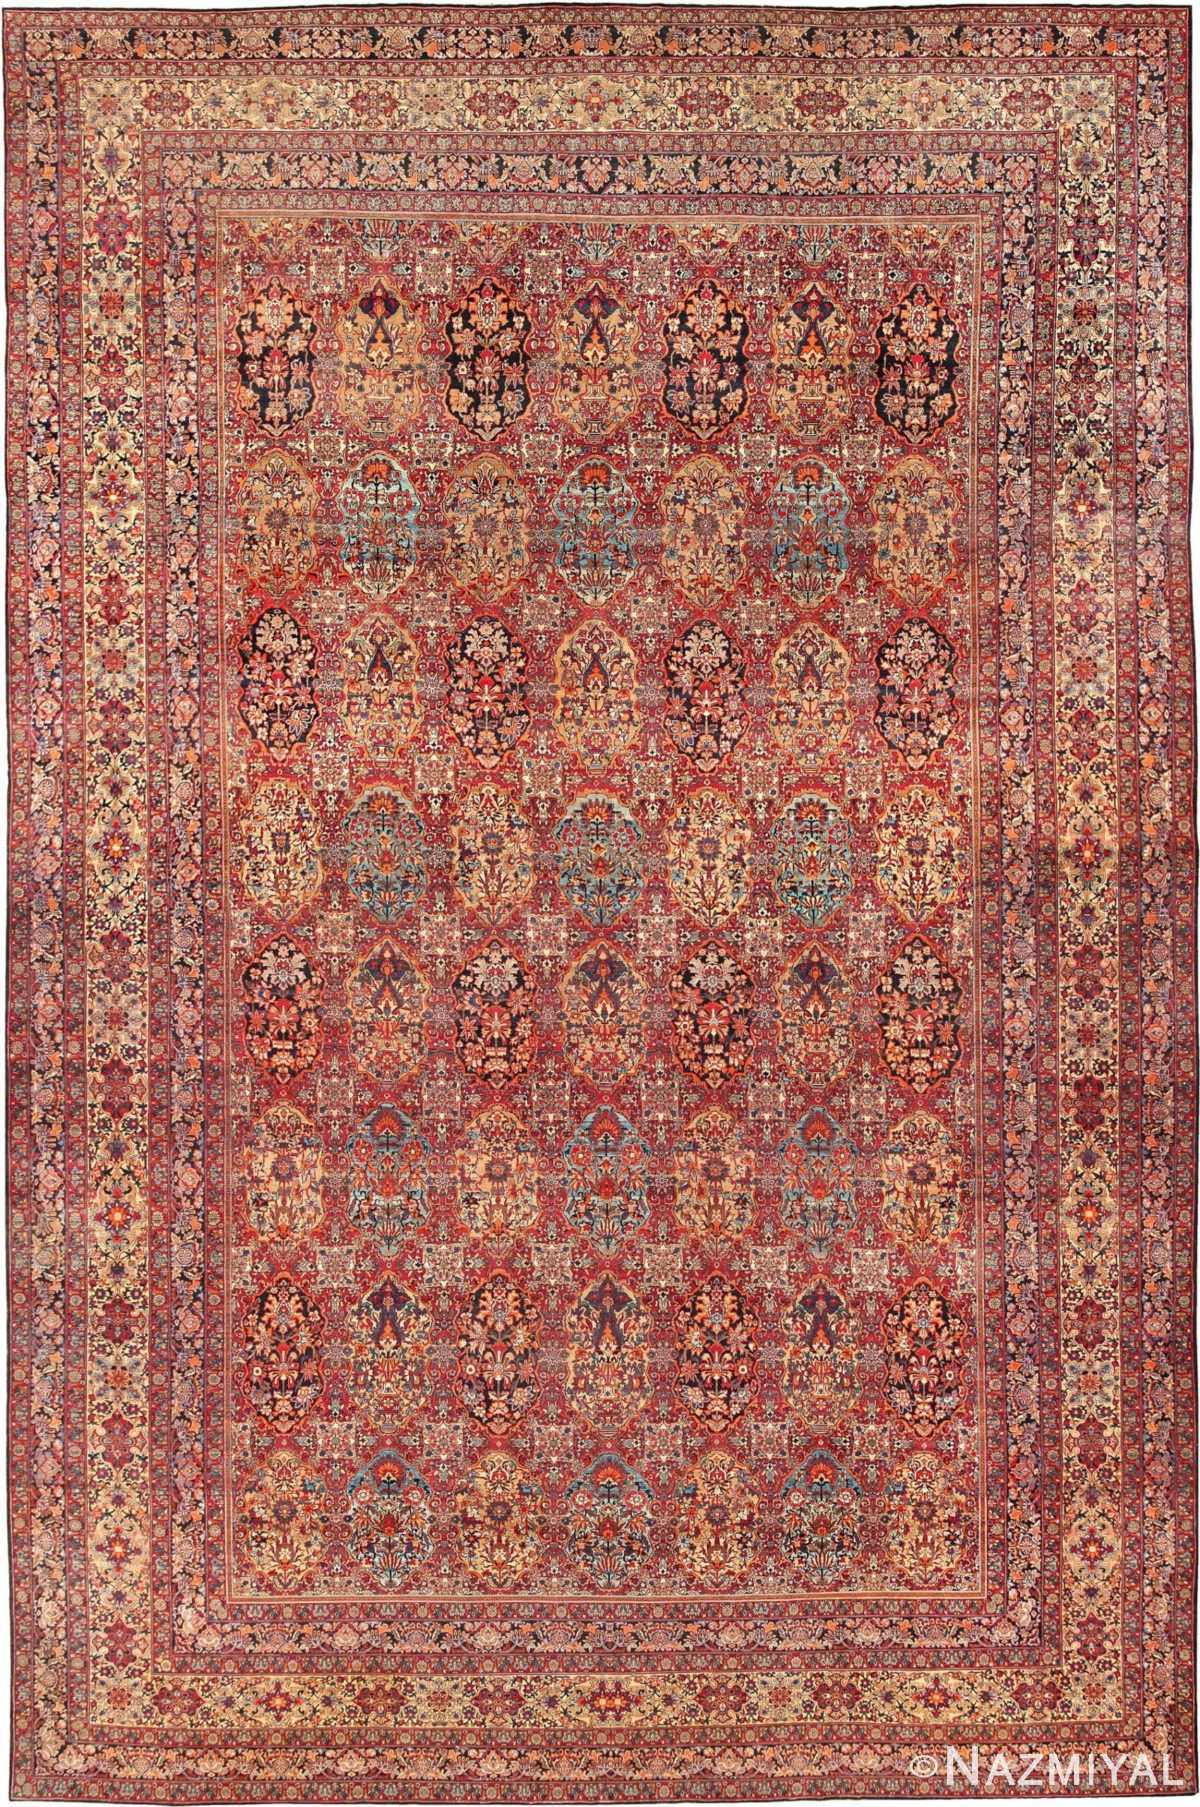 Antique Oversize Persian Kerman Carpet 46909 Nazmiyal